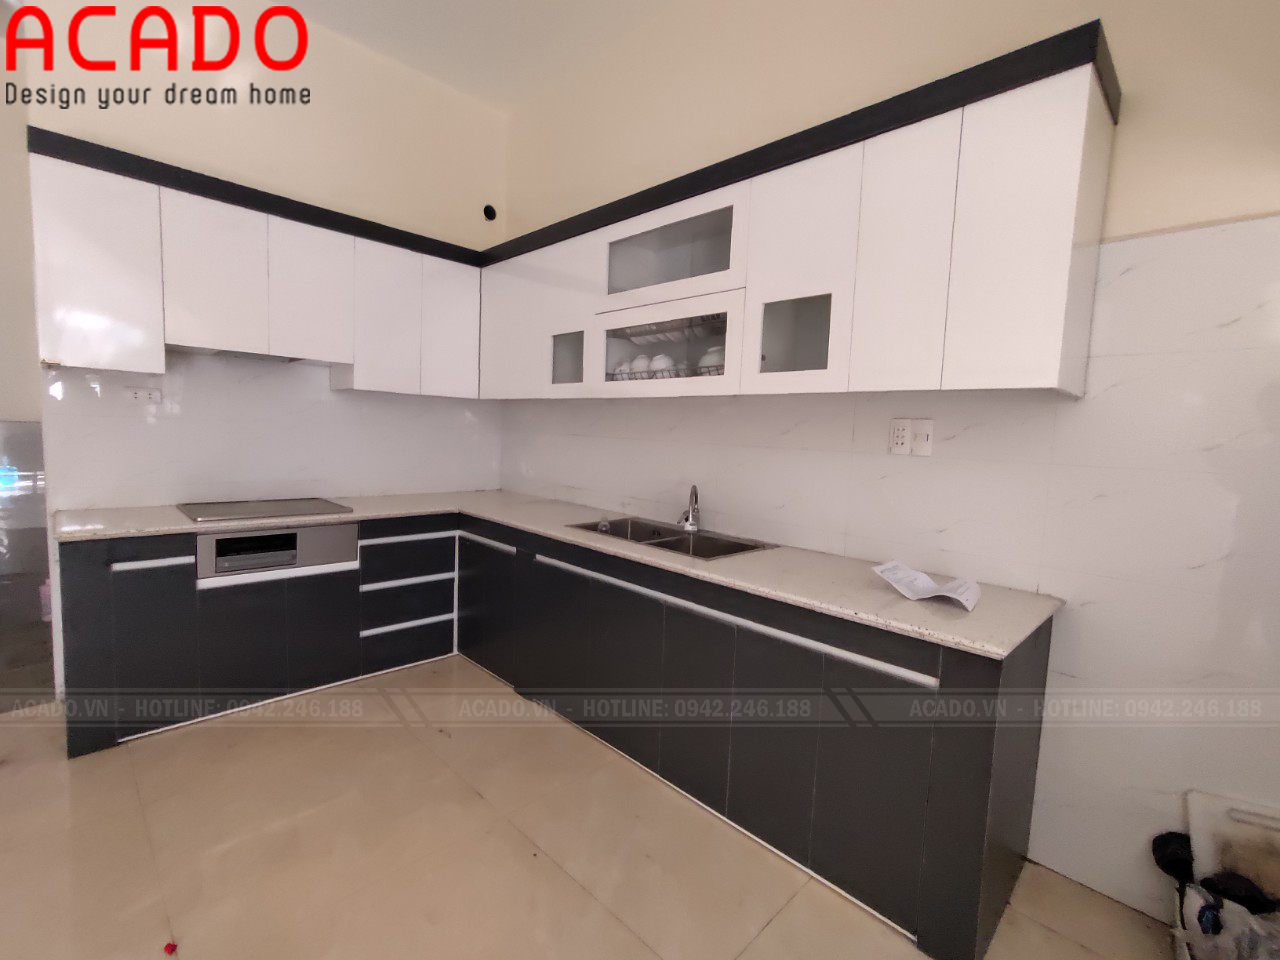 Đá bếp trắng màu sắc trang nhã tăng vẻ đẹp cho tủ bếp - Lắp đặt tủ bếp tại Gia Lâm